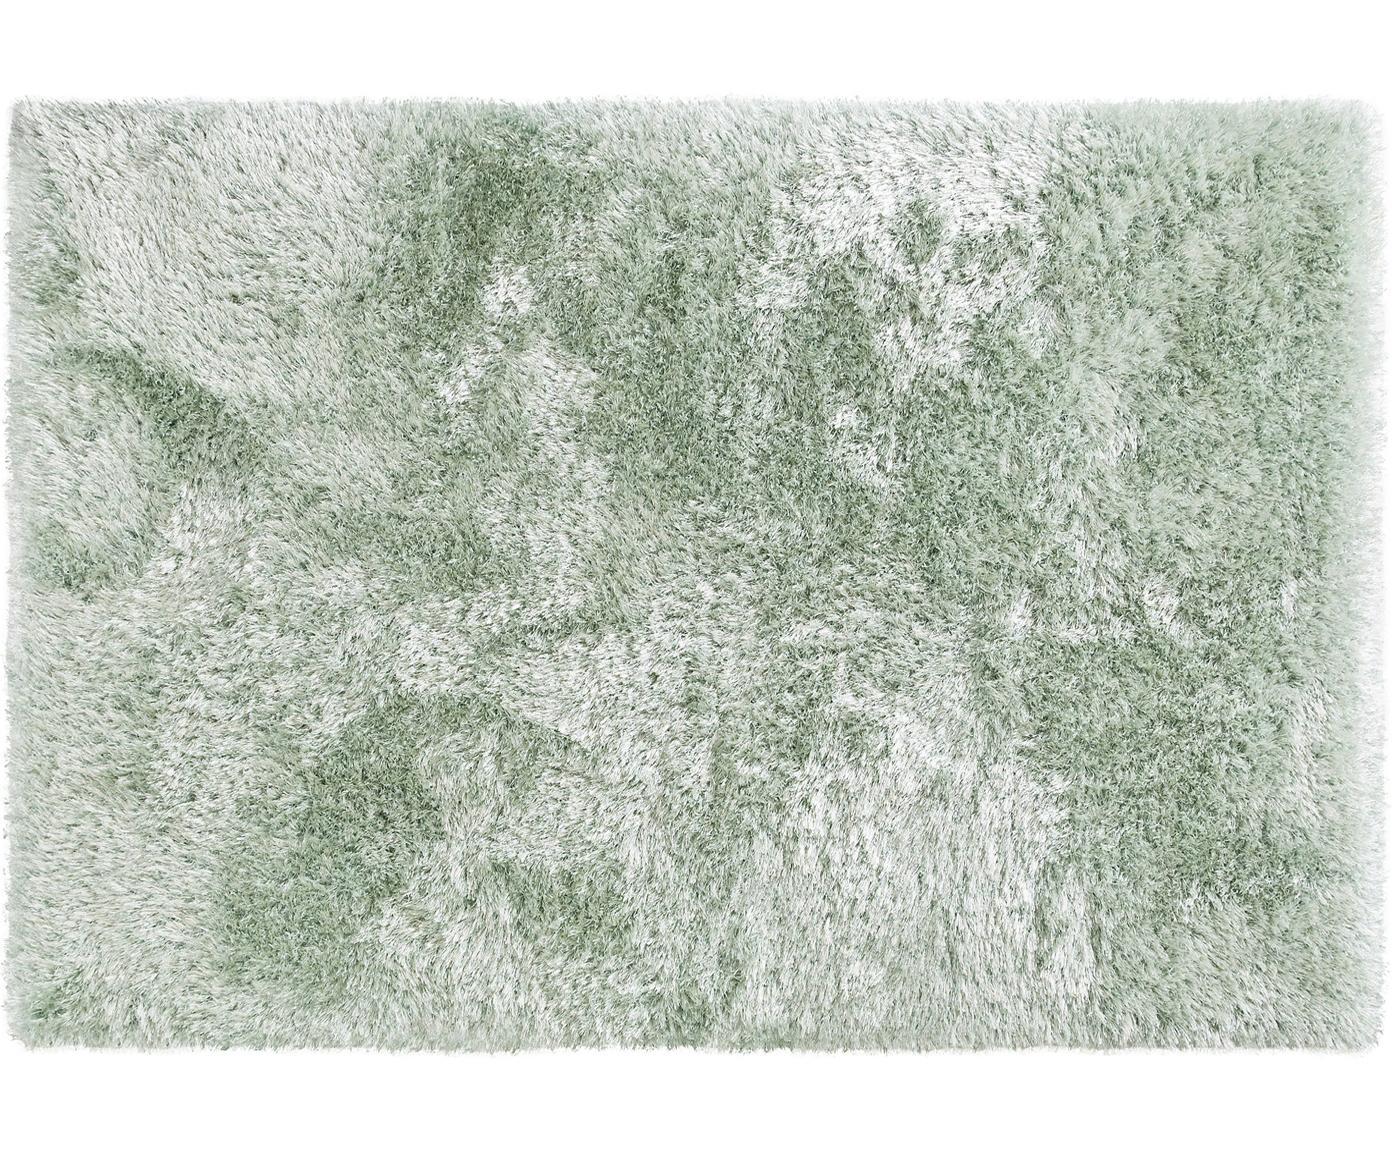 Glanzend hoogpolig vloerkleed Lea, 50% polyester, 50% polypropyleen, Groen, B 140 x L 200 cm (maat S)